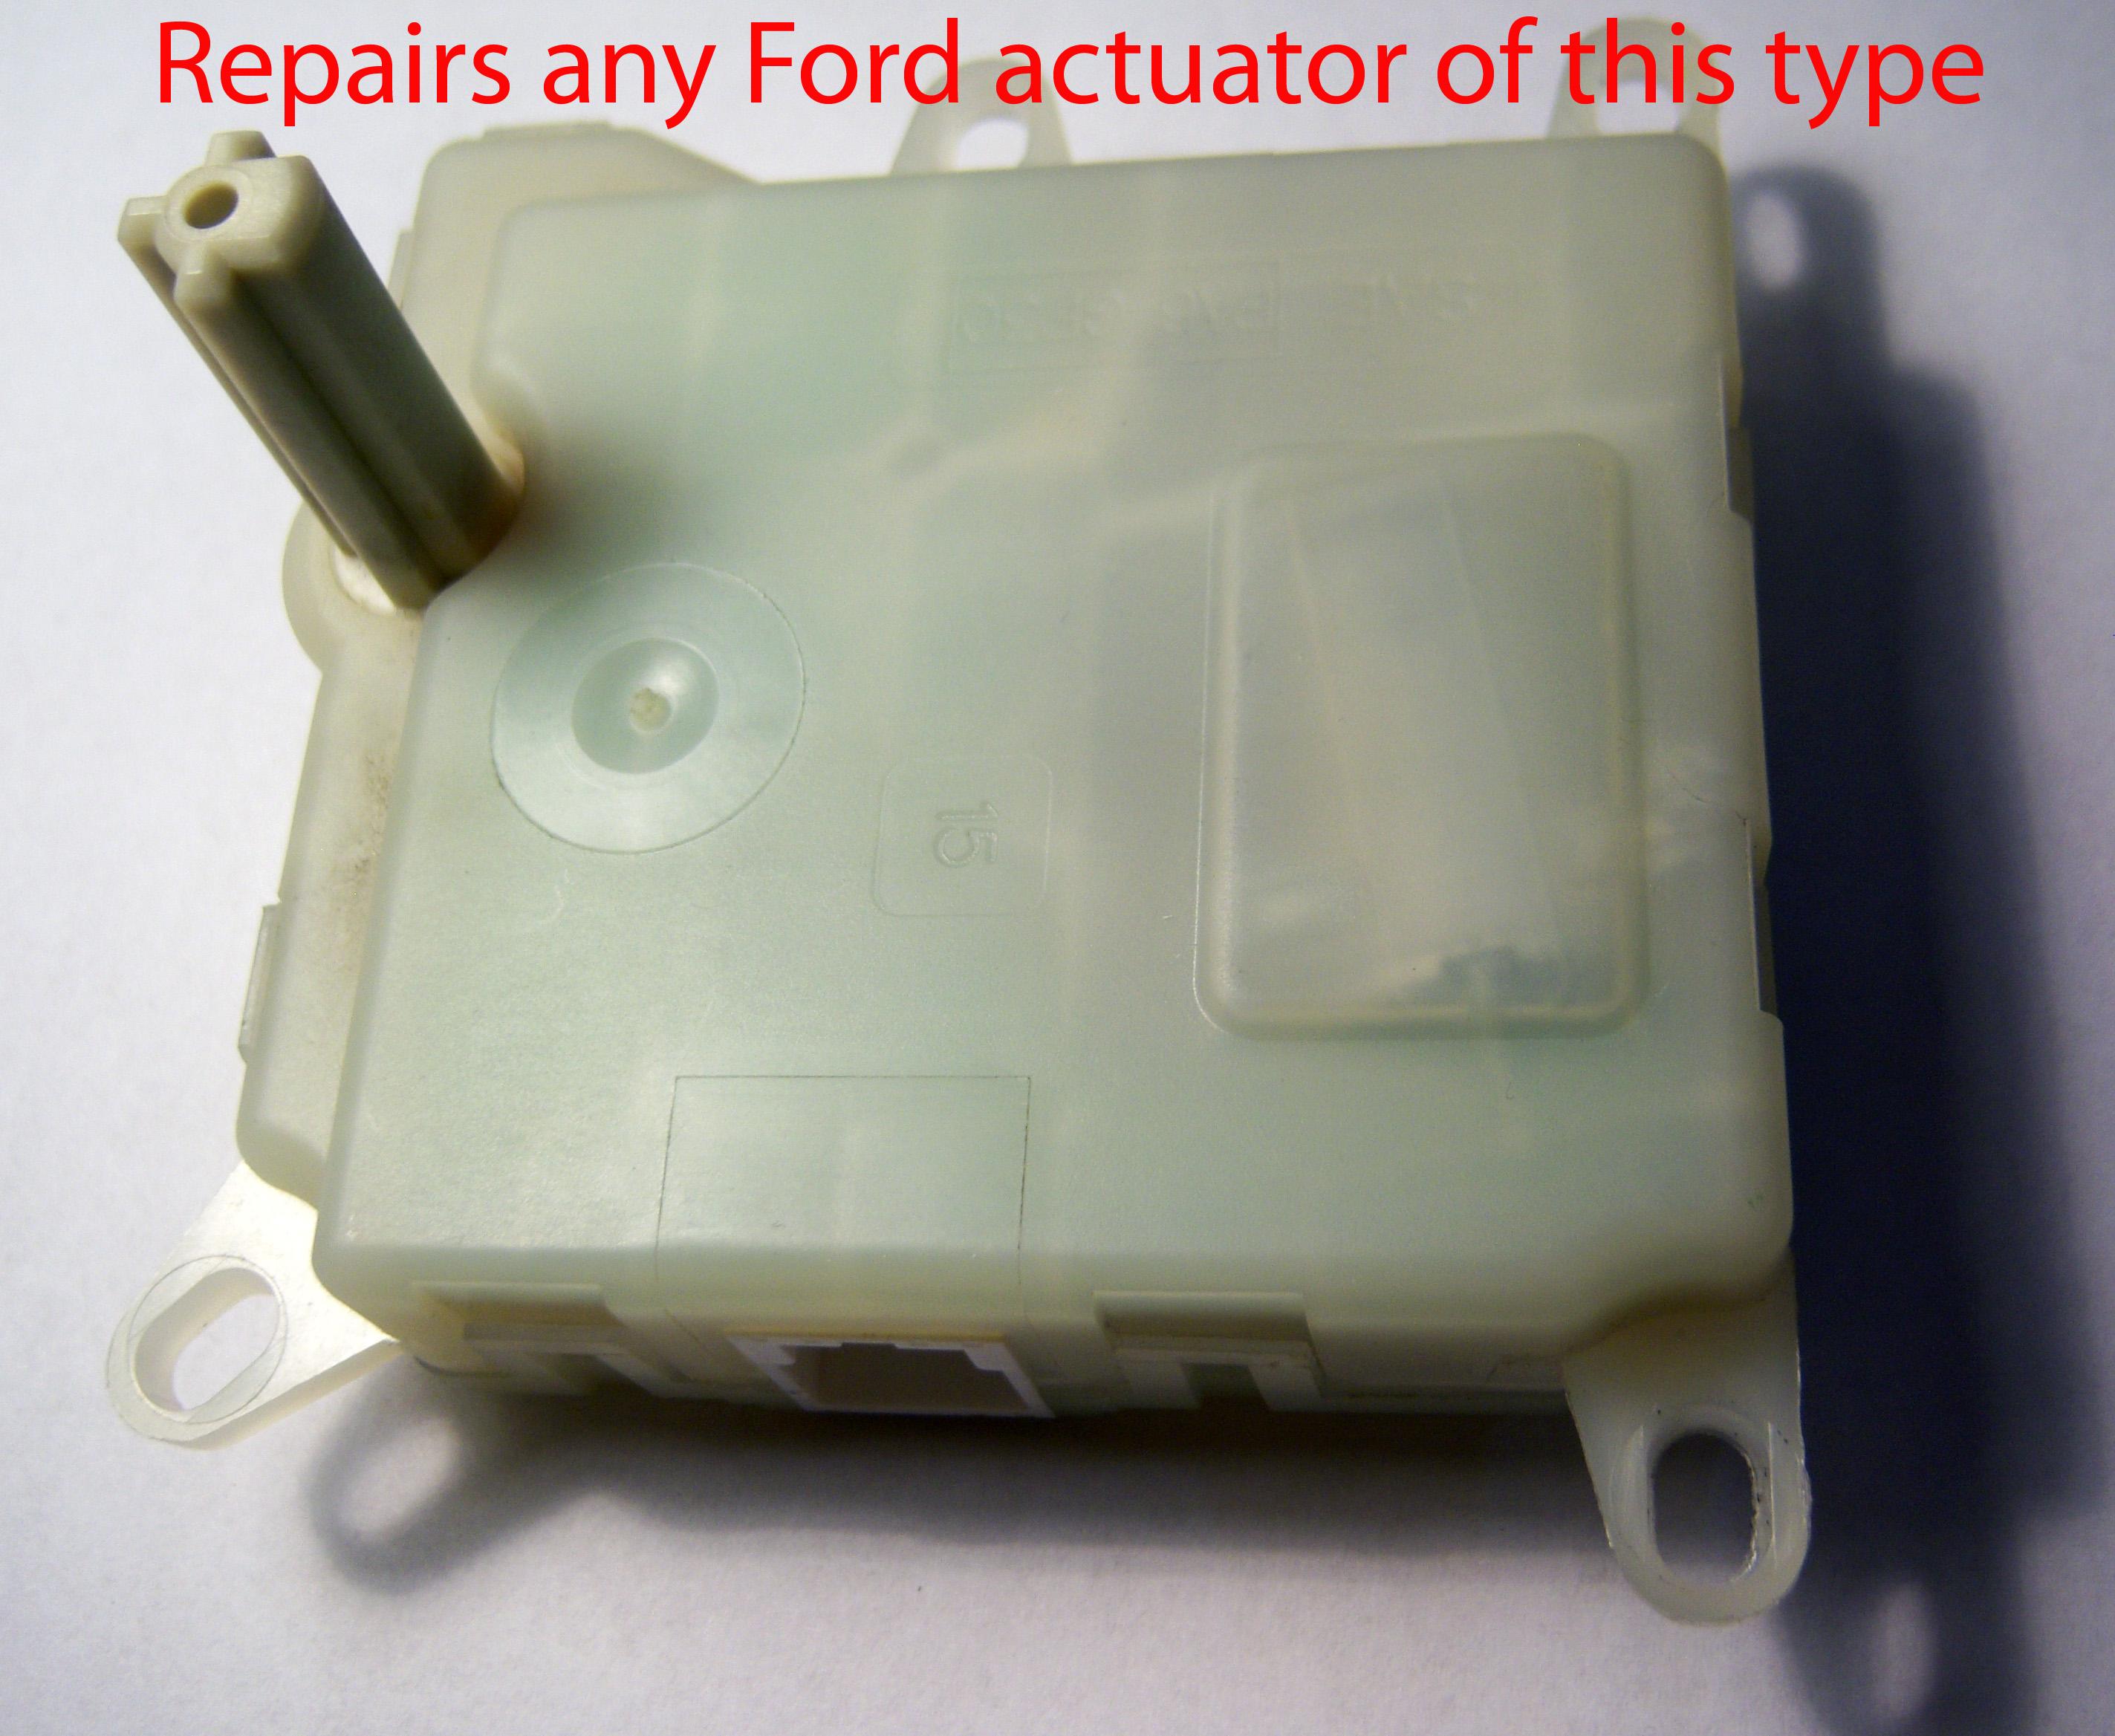 Ford Blend Door Actuator Rebuild Kit Blenddoor